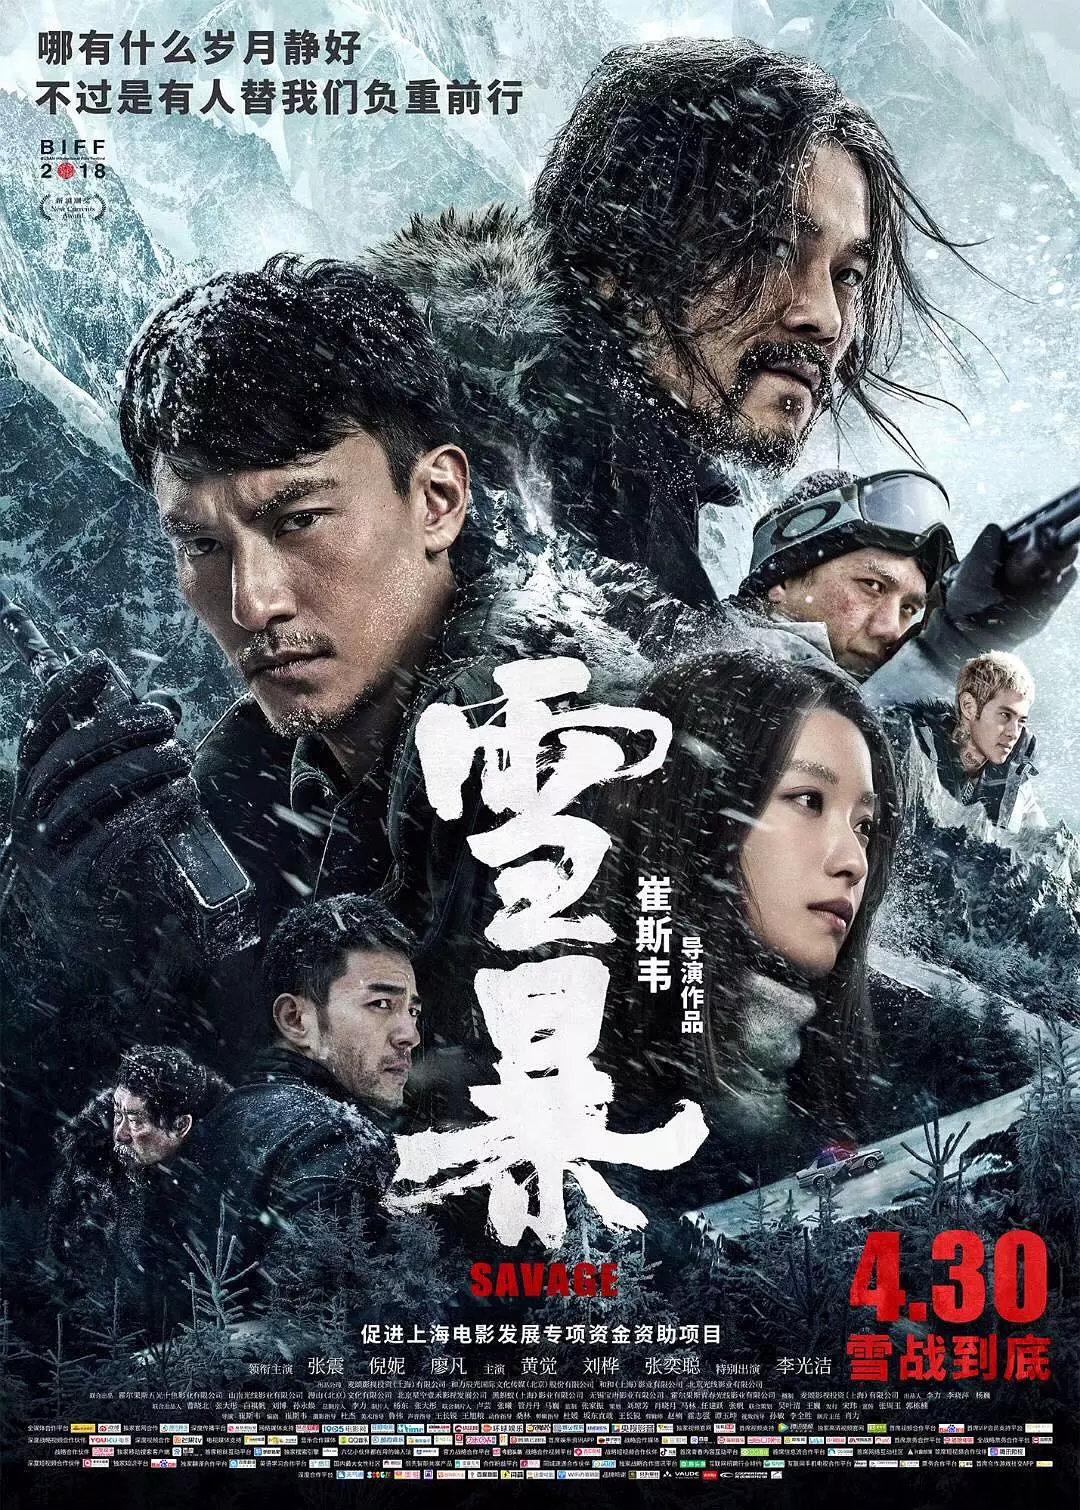 雪暴 (2018)